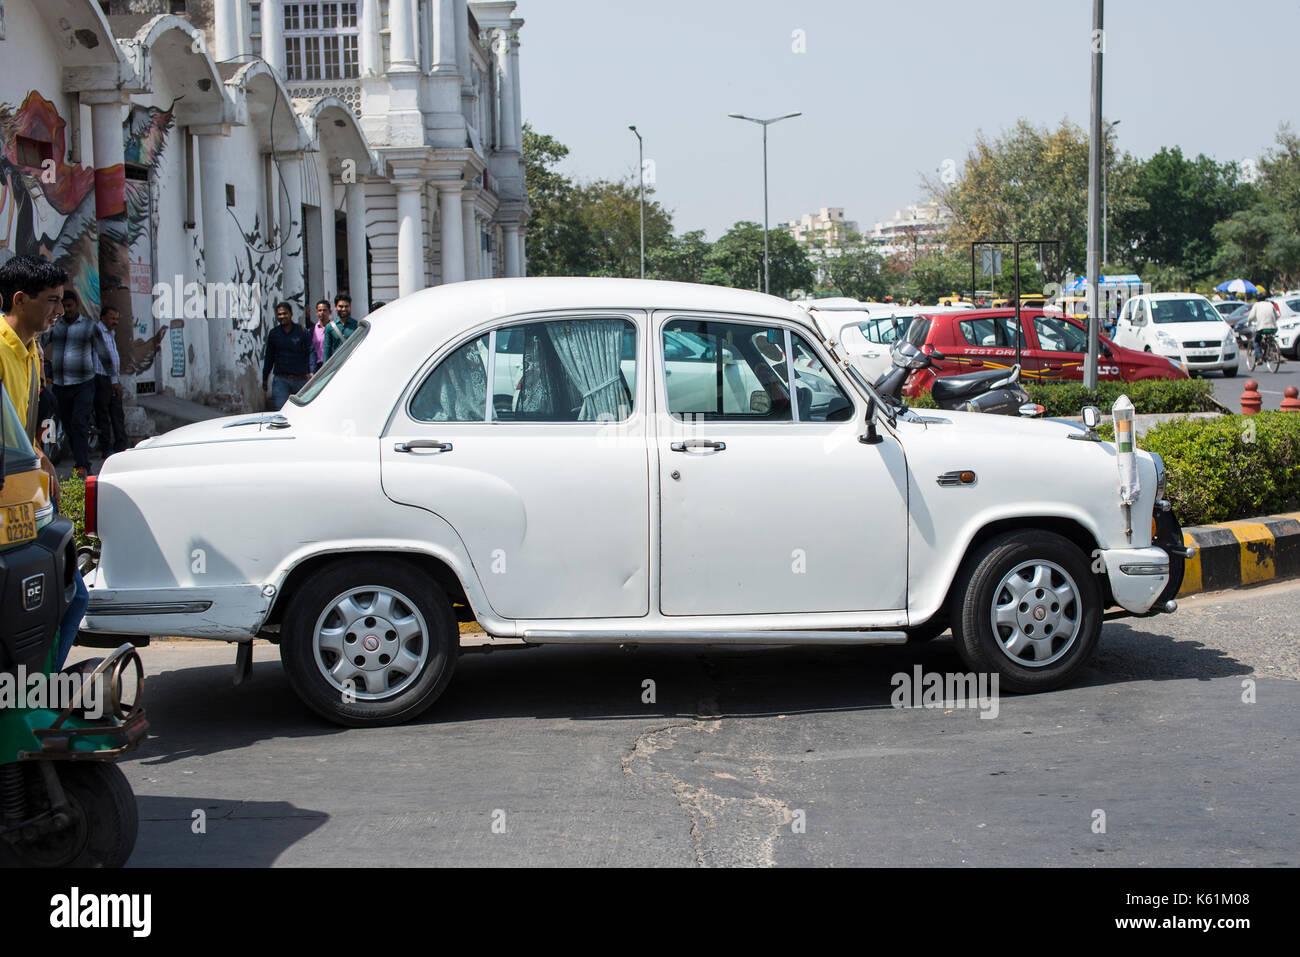 Ambassador Car Stock Photos & Ambassador Car Stock Images - Alamy